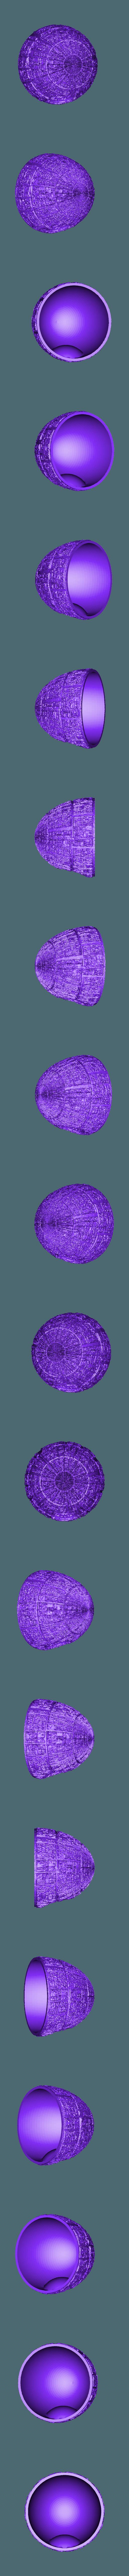 JG_death_star_easter_egg_top.stl Download free STL file EggStar (Easter Egg Death Star) • 3D printing object, c47